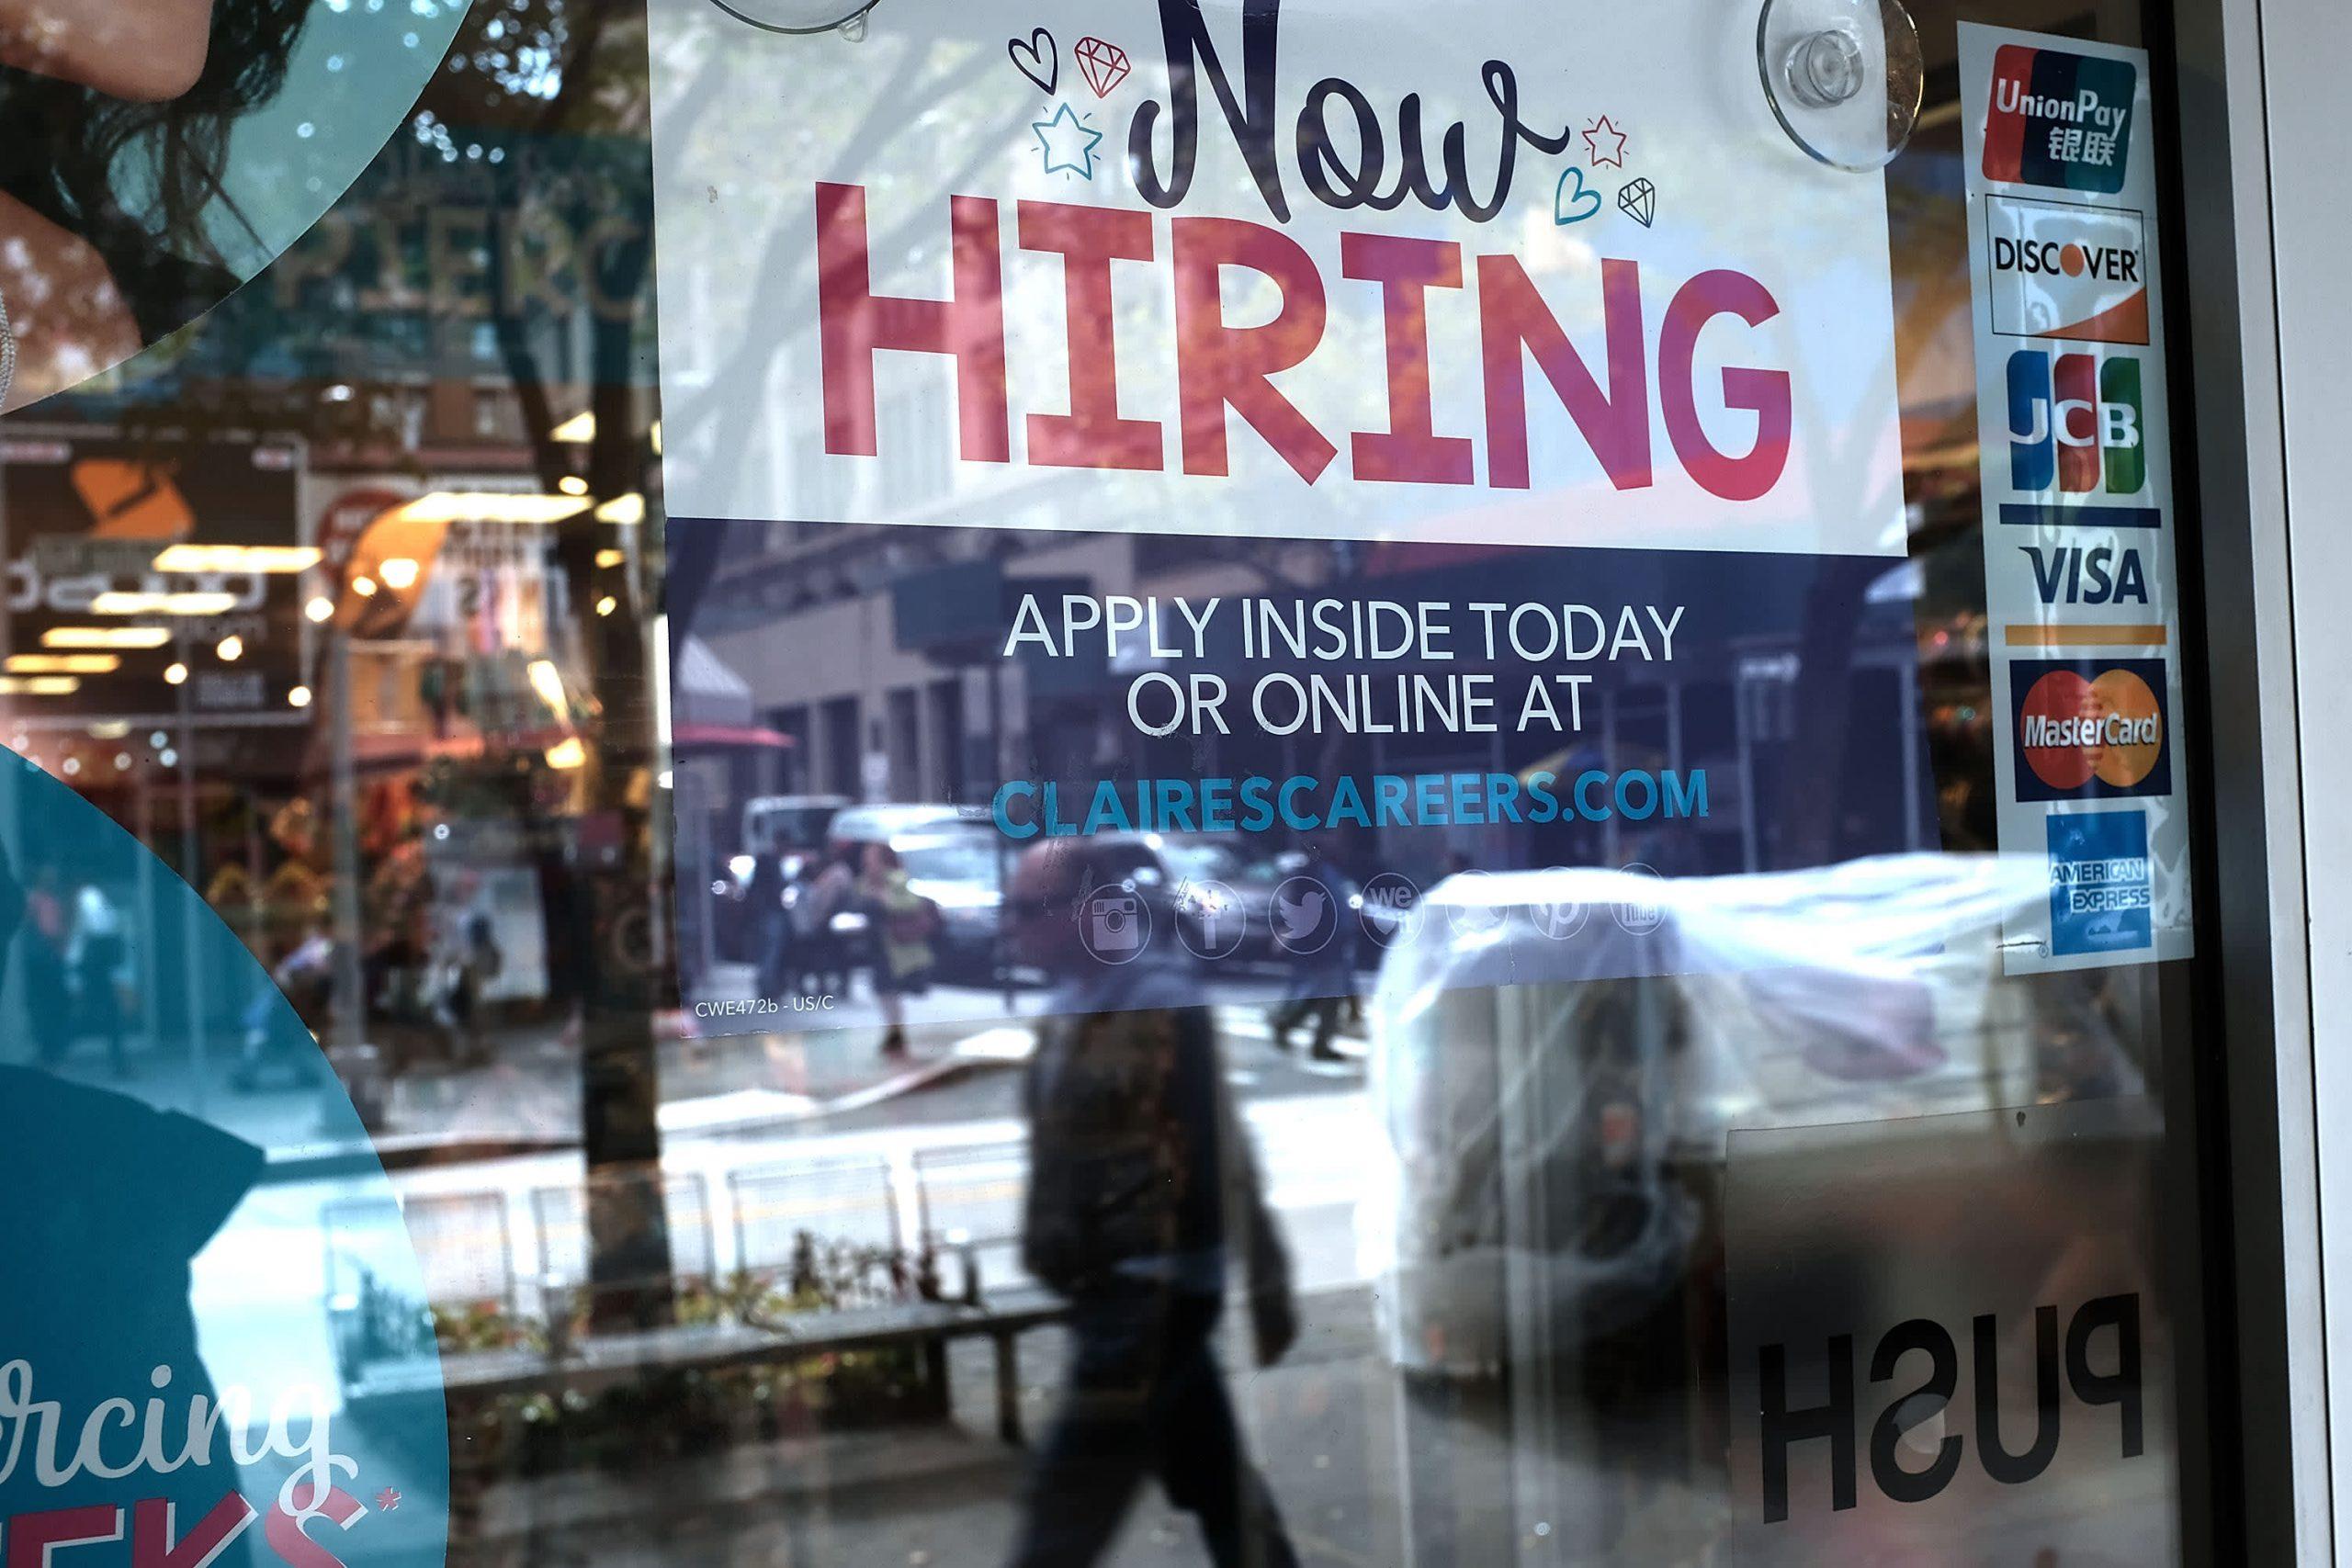 El informe de empleos muestra una mejora, pero no lo suficiente como para que la Fed hable sobre la reducción gradual